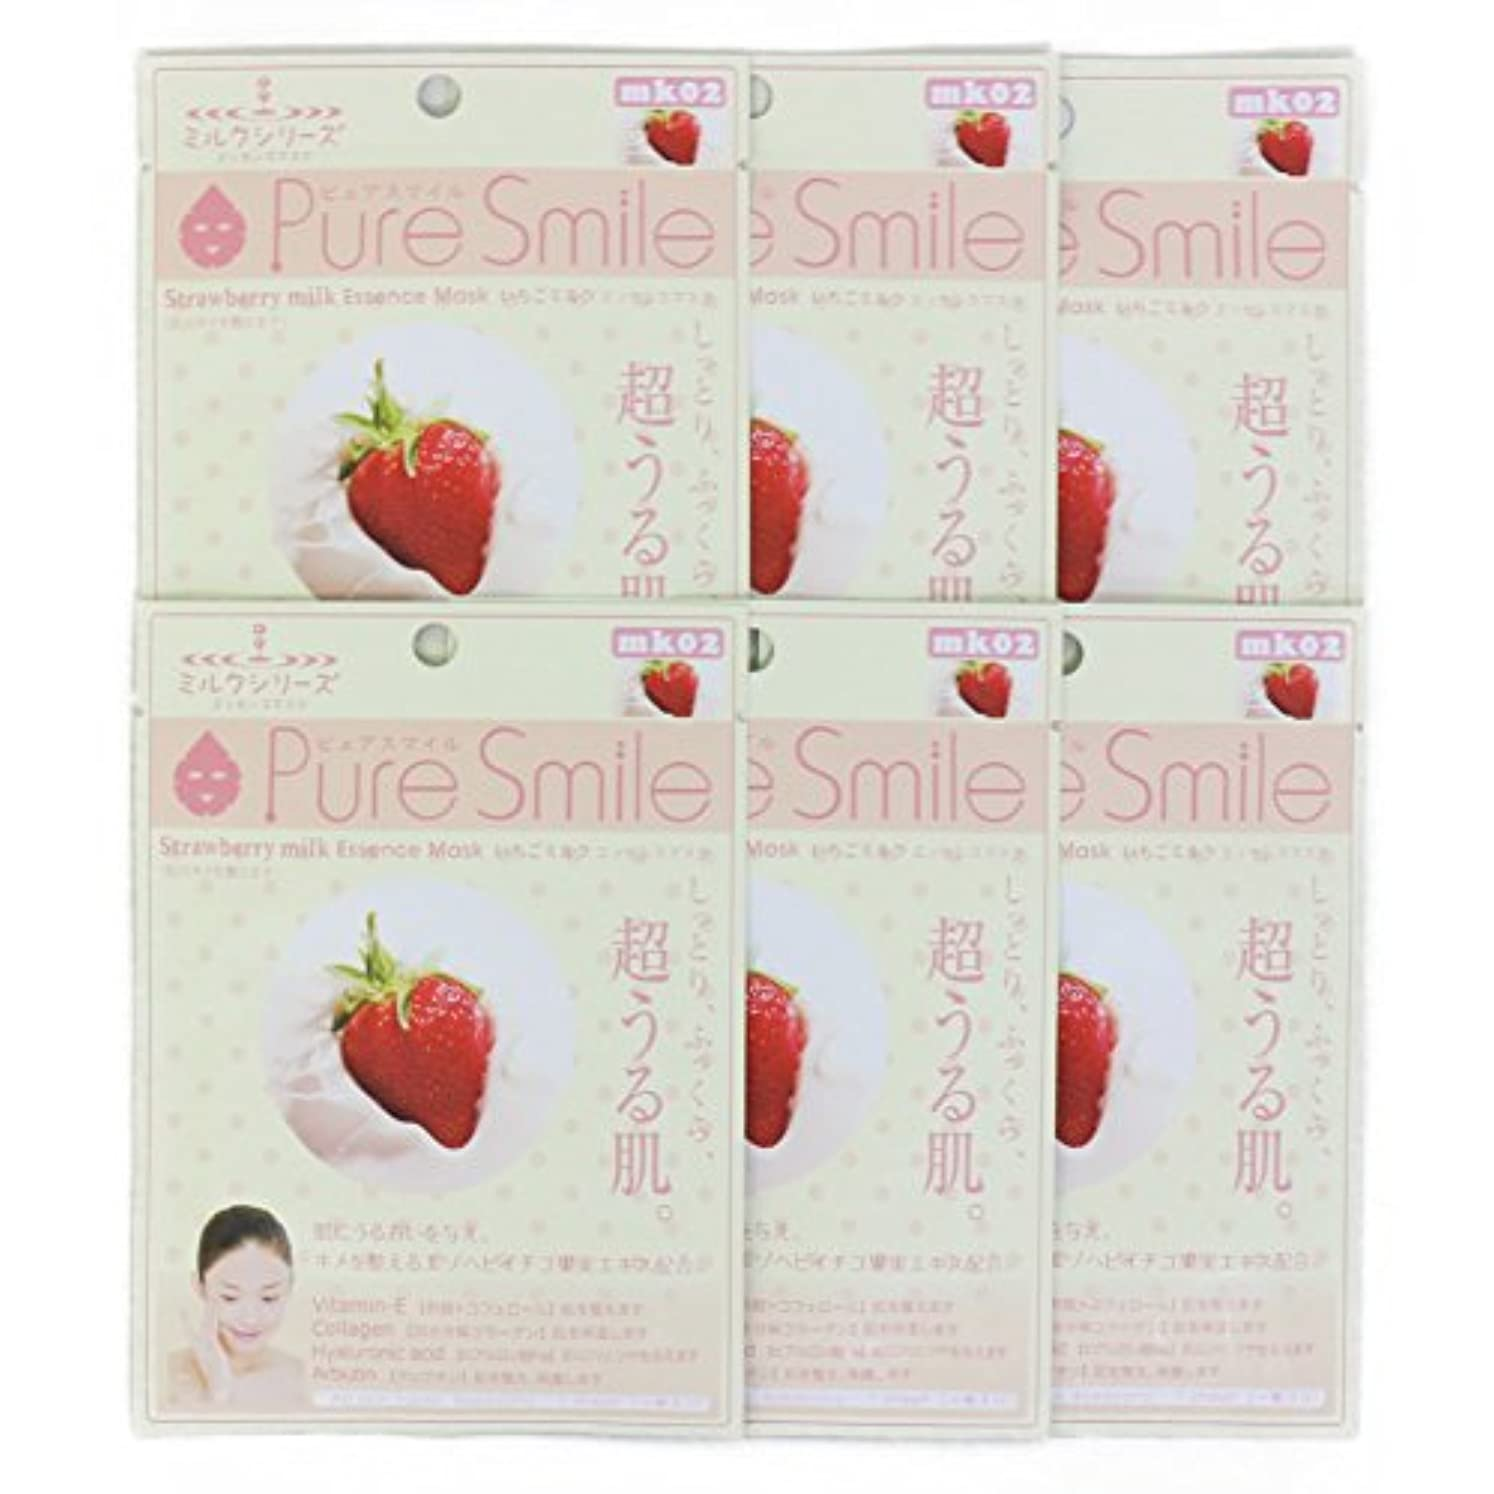 錆びローン結婚するPure Smile ピュアスマイル ミルクエッセンスマスク イチゴミルク 6枚セット